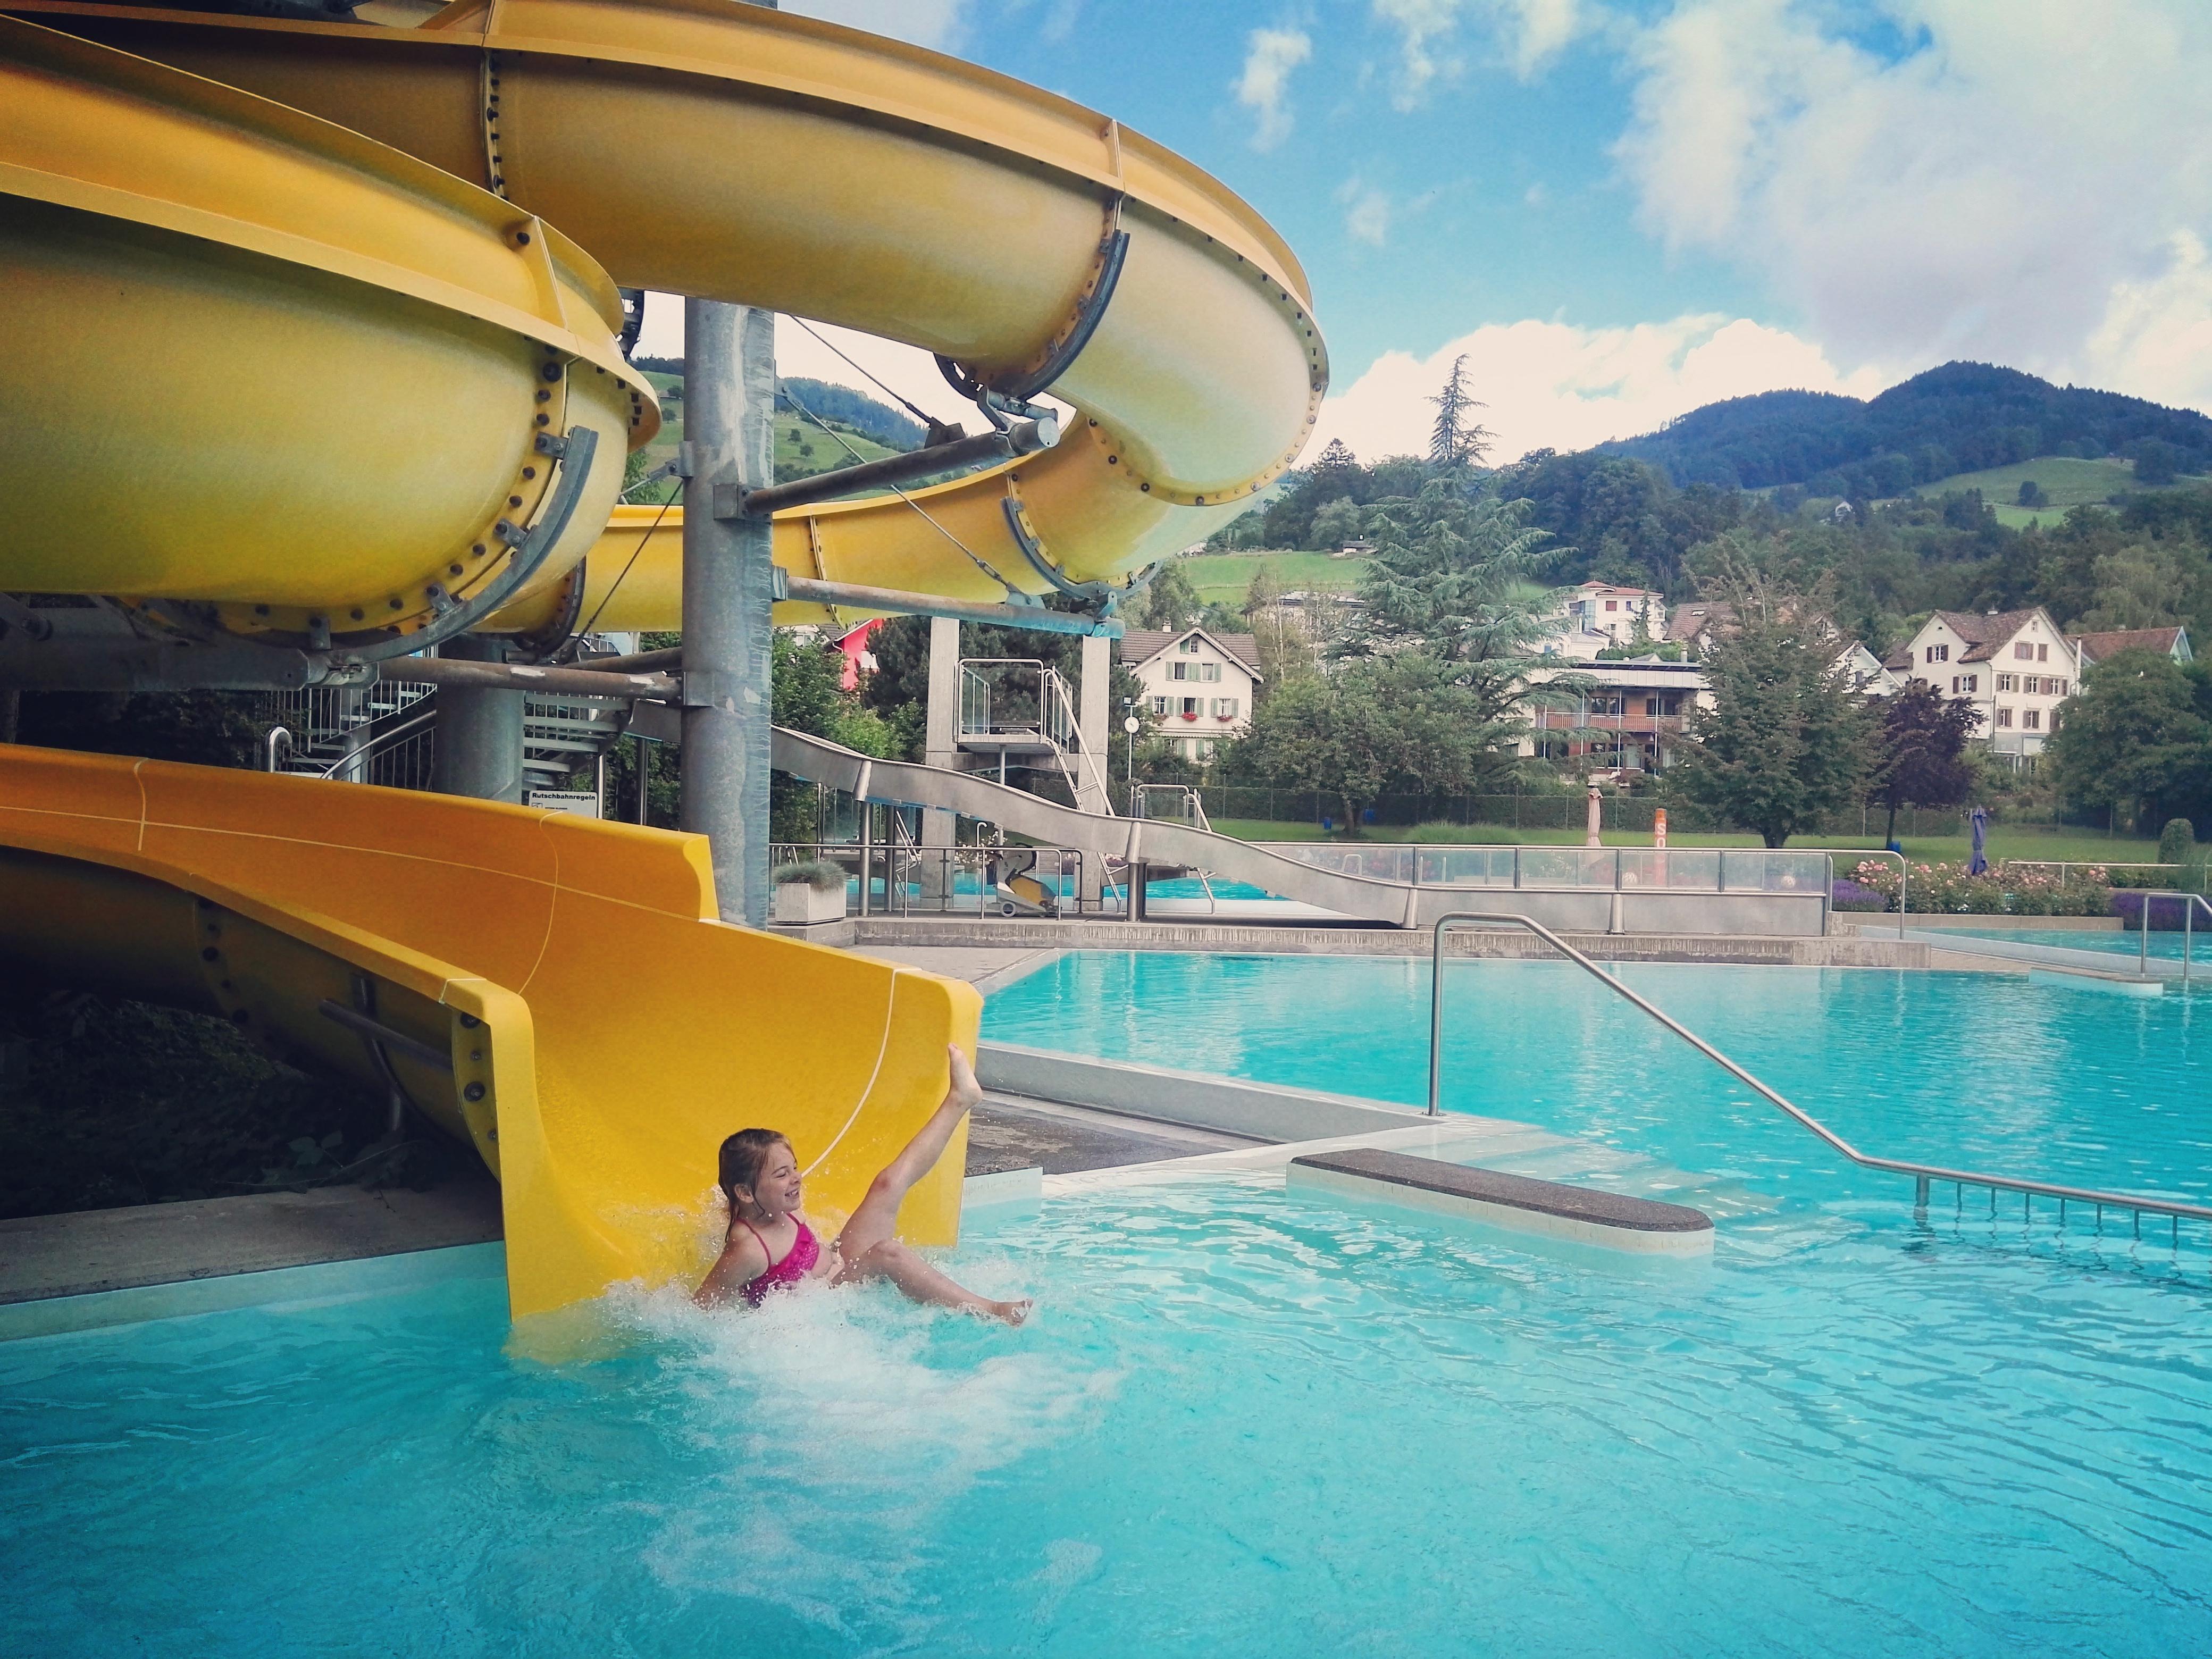 zondagochtend lig ik al vroeg met Eva in het zwembad. Het is ijskoud, maar we moeten toch echt oefenen met zwemmen.